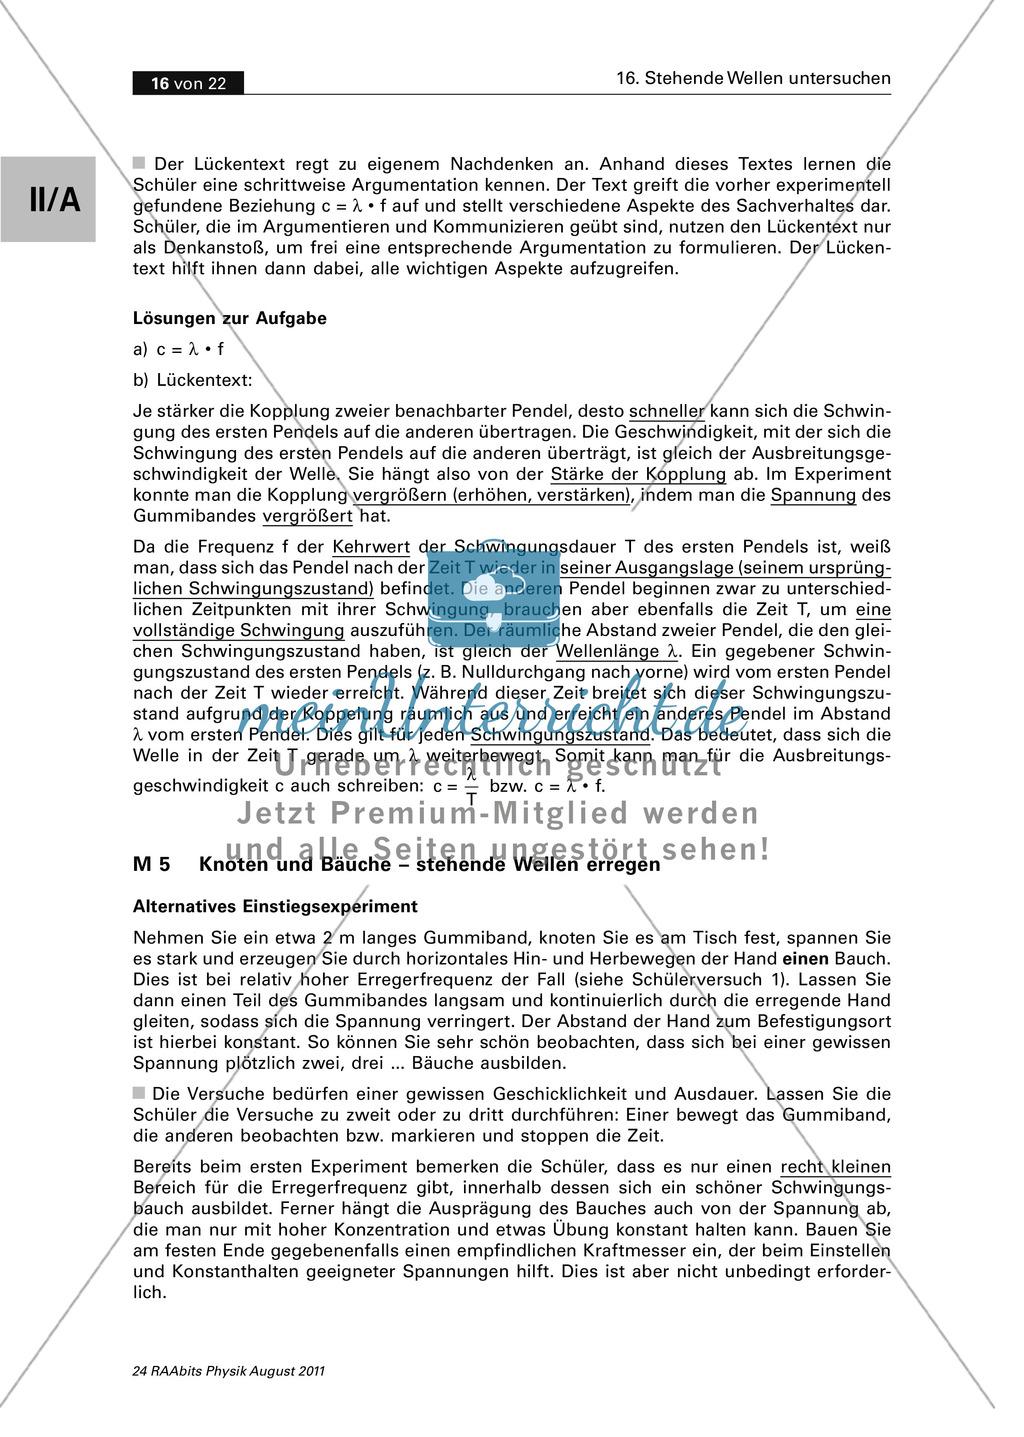 Stehende Welle: Experimente mit dem Gummiband - Erzeugen einer ...